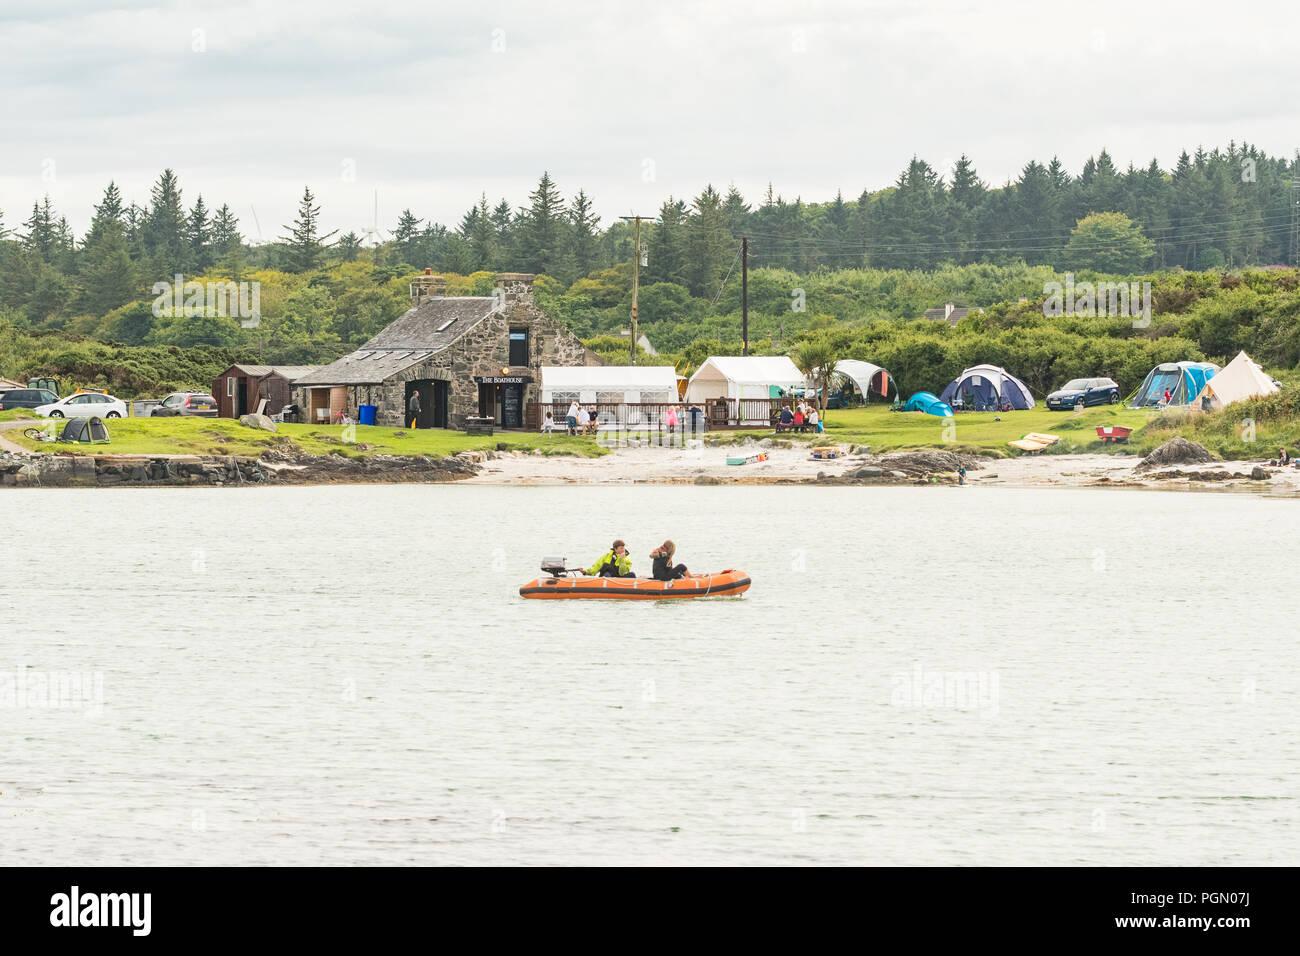 Isola di Gigha - una piccola barchetta a vela attraverso Ardminish Bay, dal Boathouse ristorante di pesce e piccolo campeggio, Argyll e le isole della Scozia, Regno Unito Immagini Stock